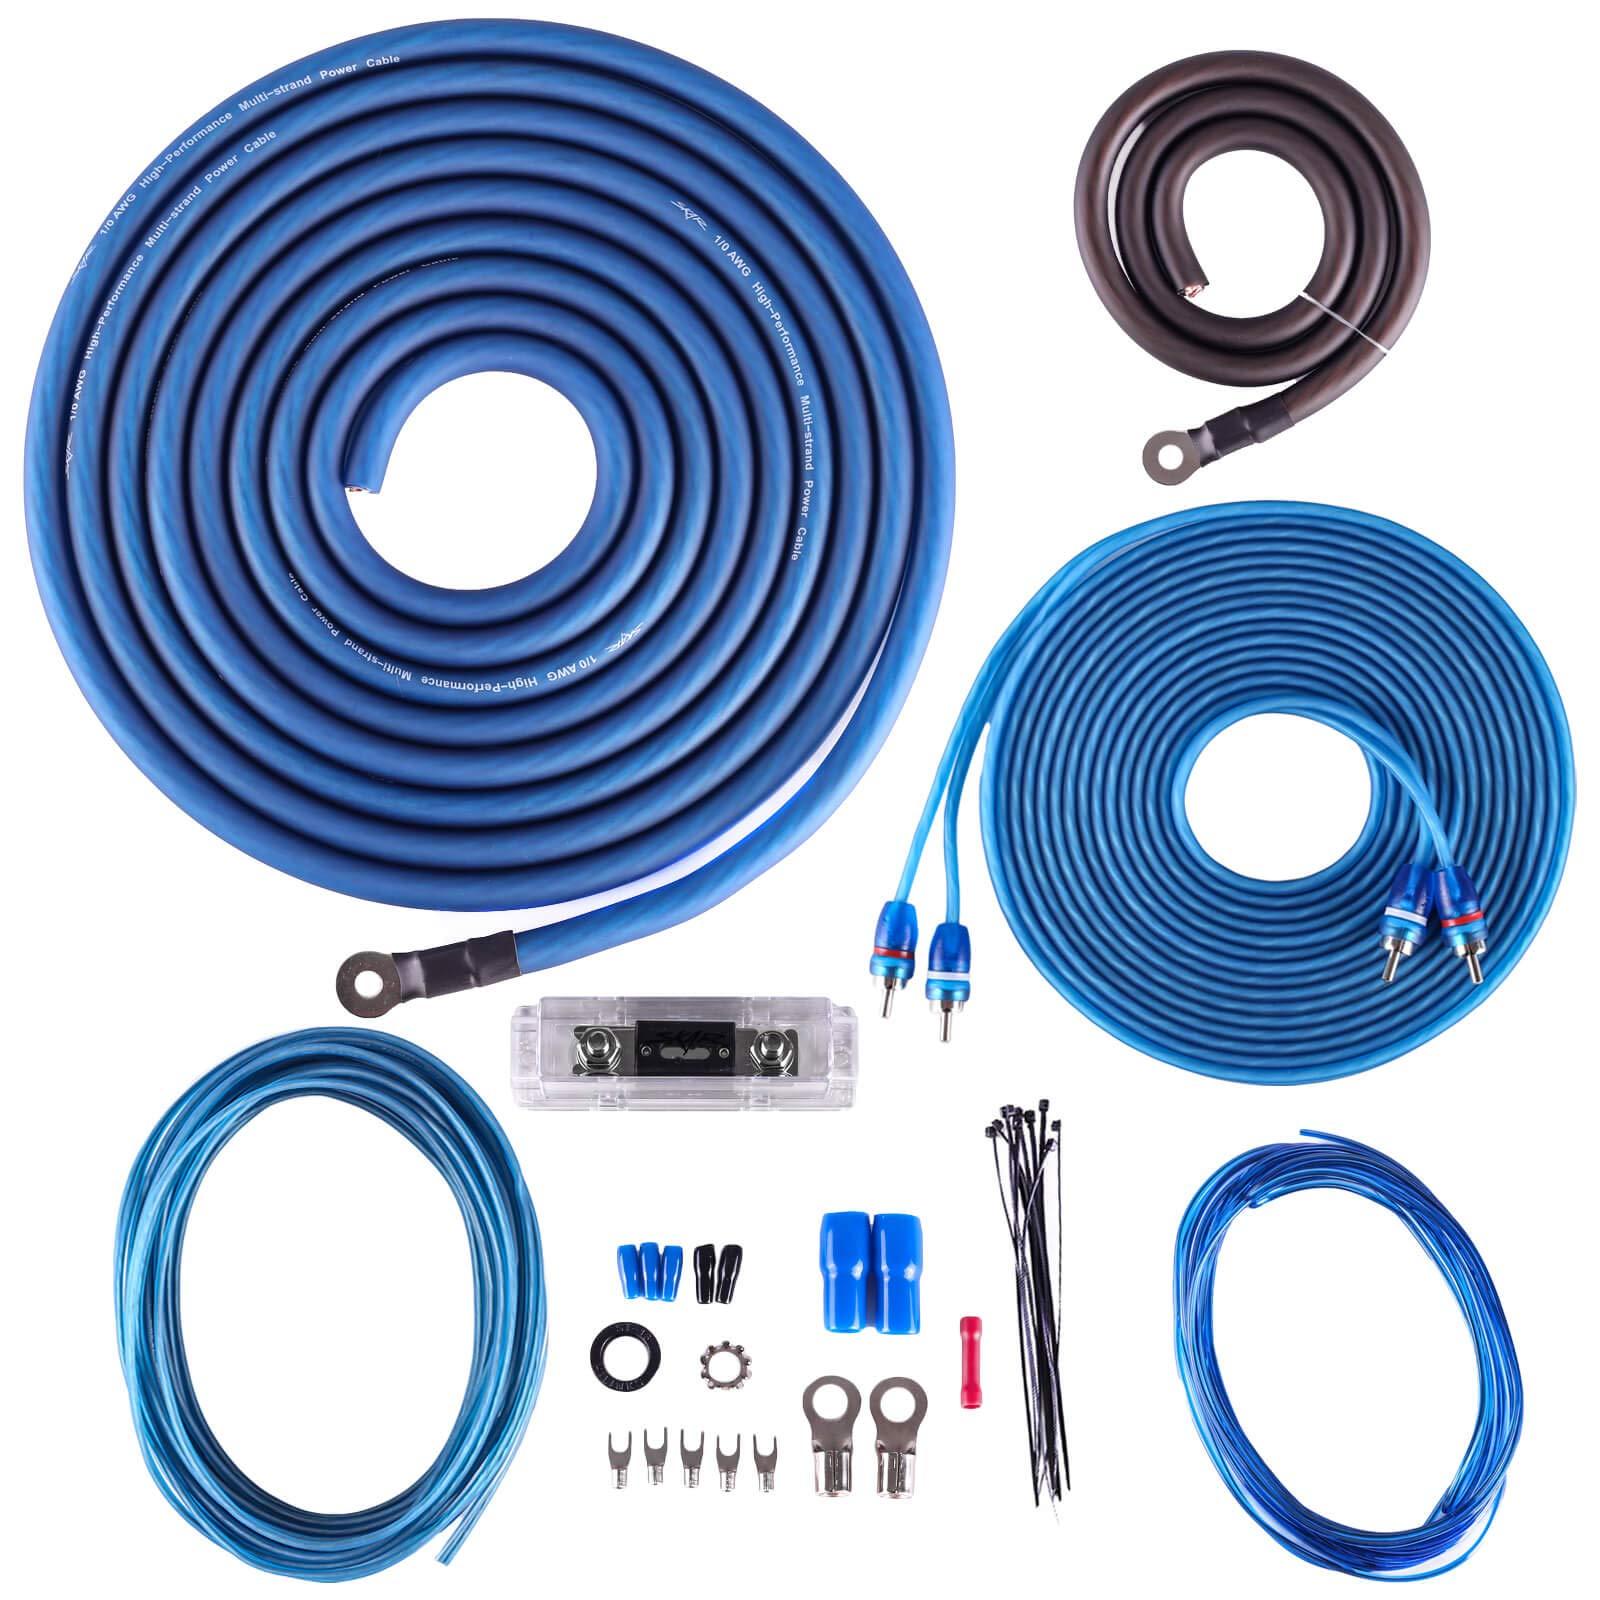 Skar Audio 1/0 Gauge CCA Complete Amplifier Installation Wiring Kit, SKAR0ANL-CCA